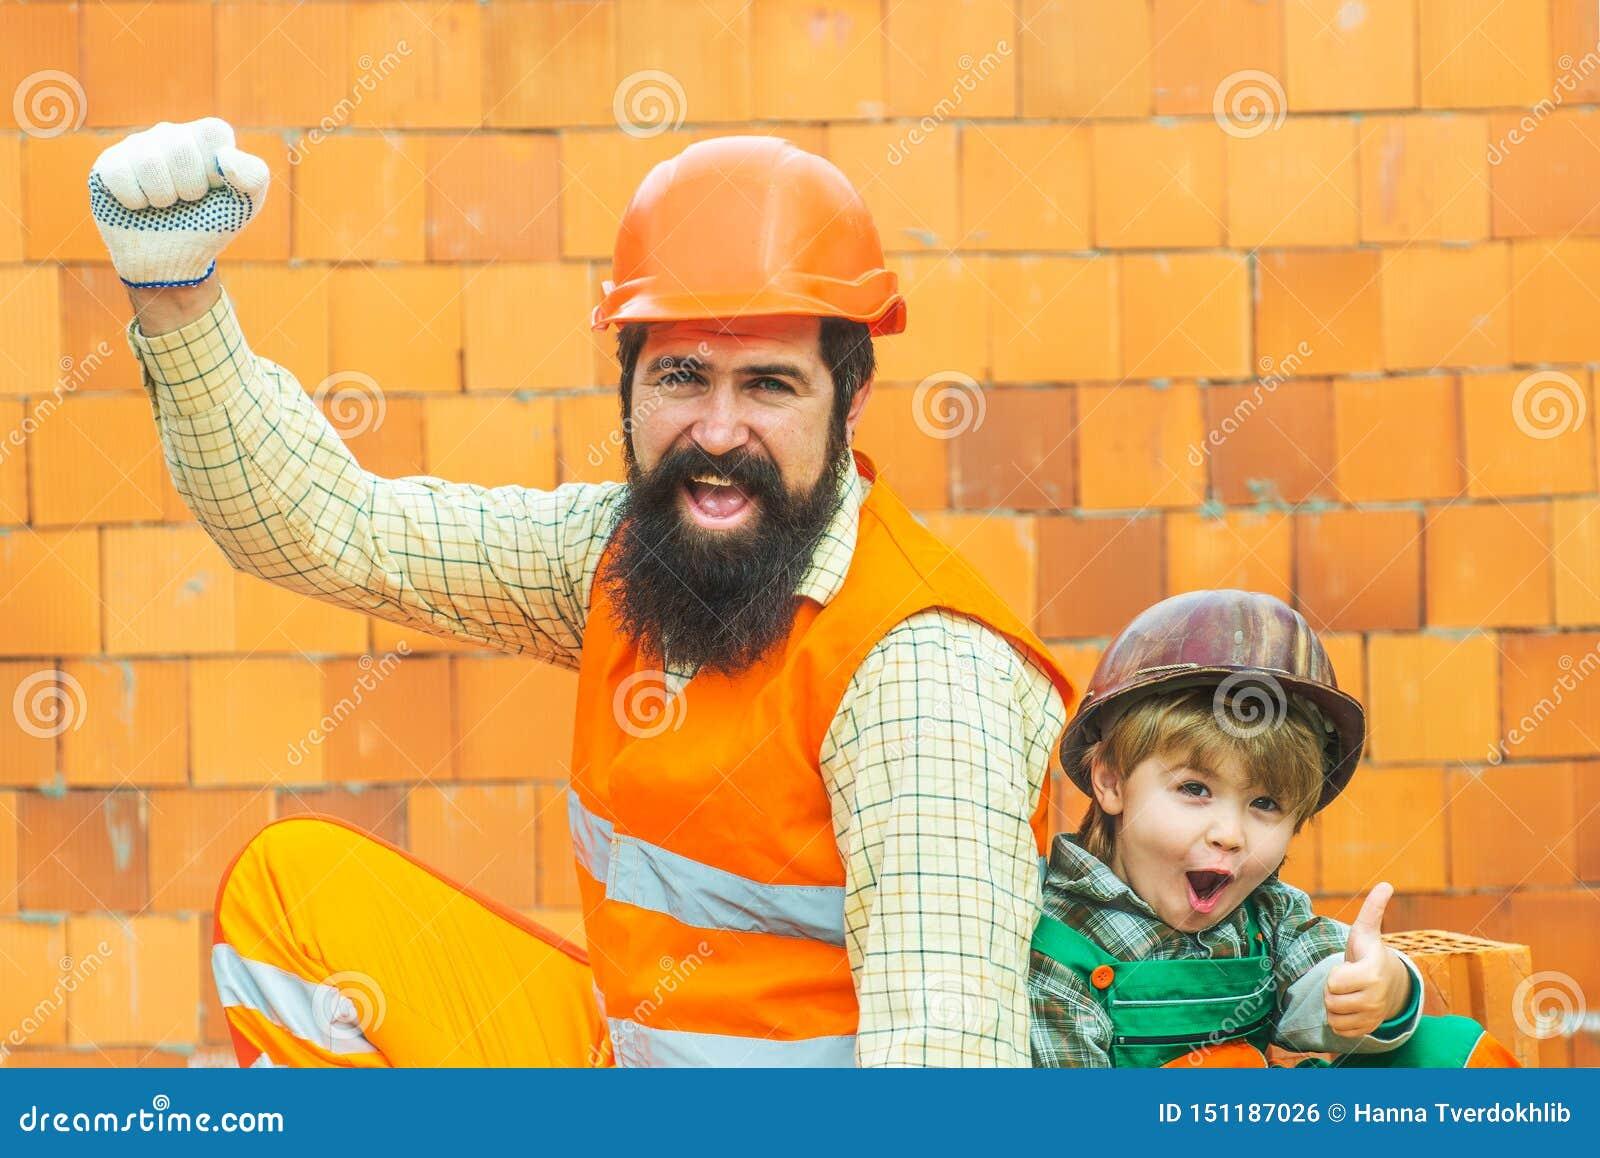 Концепция здания, сыгранности, партнерства, жеста и людей - конец вверх рук построителей в перчатках на конструкции сидит